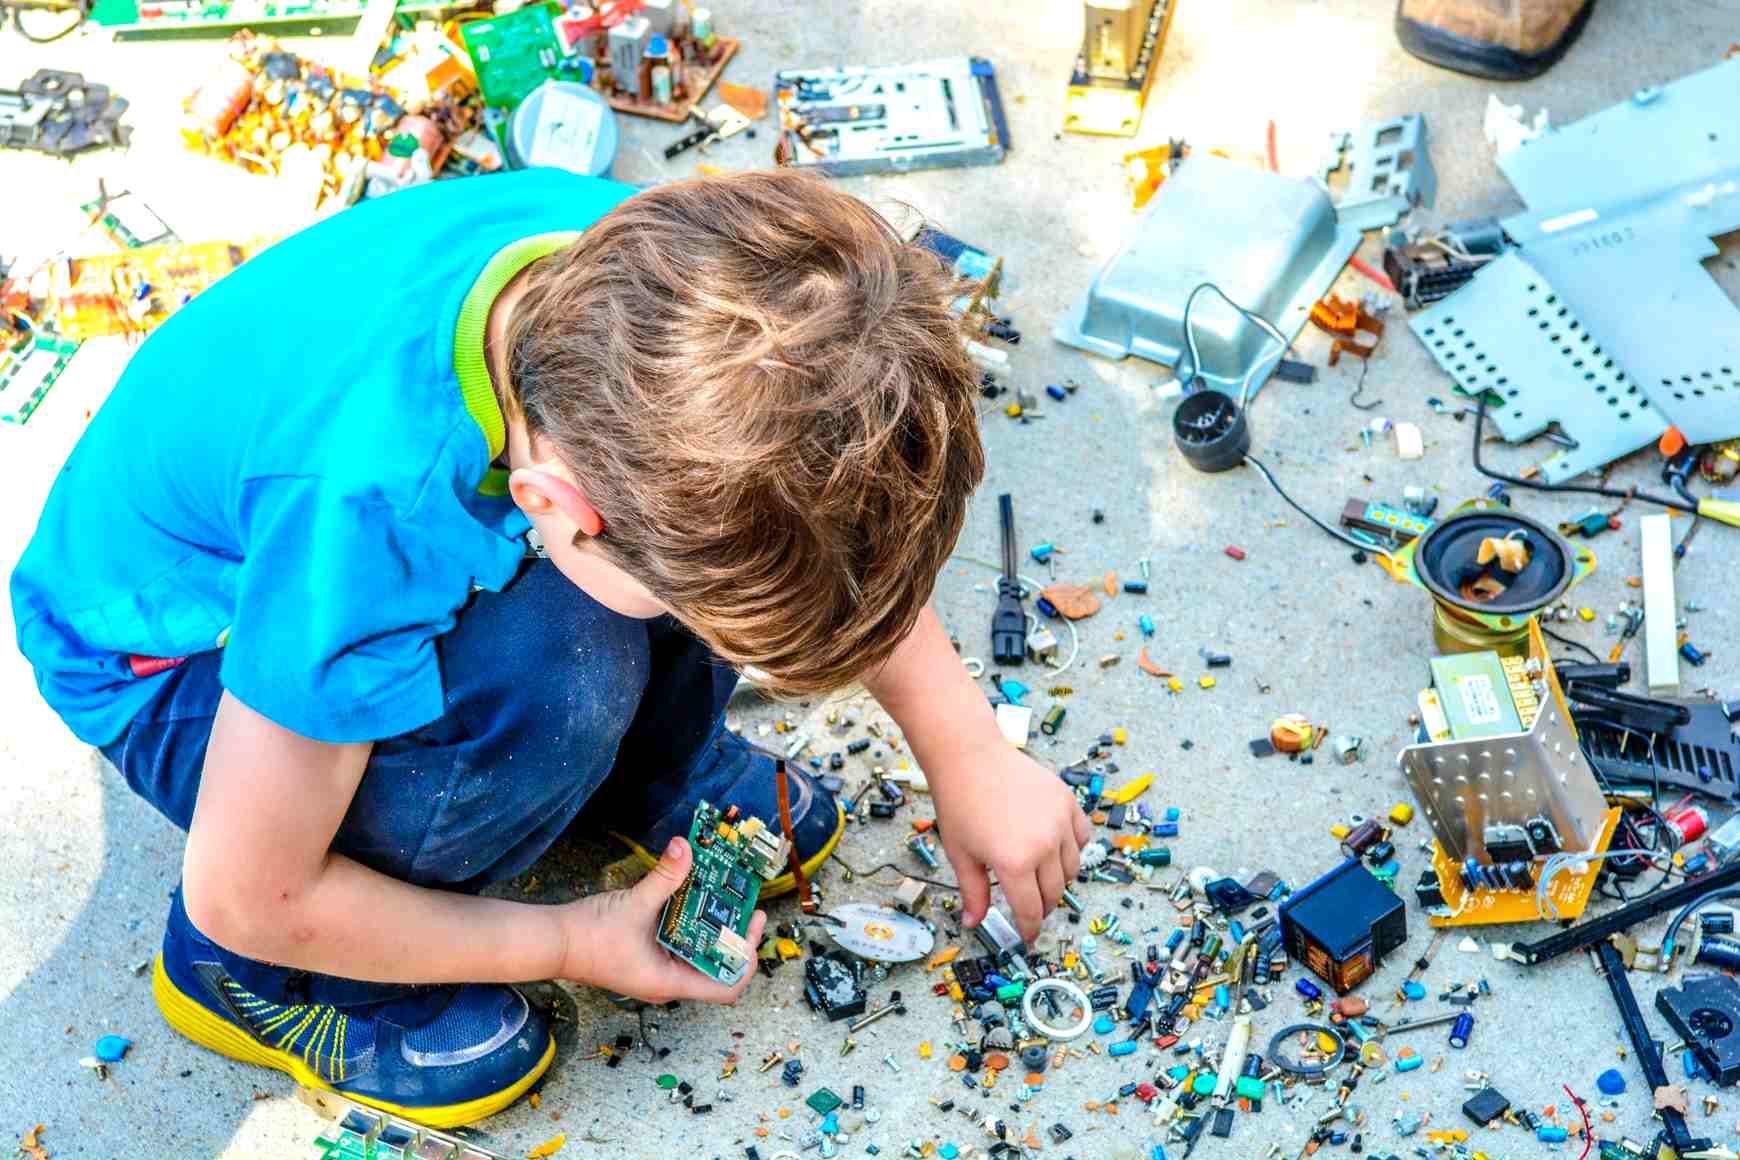 Развитие soft skills в сфере креативность поможет в поиске нестандартных решений